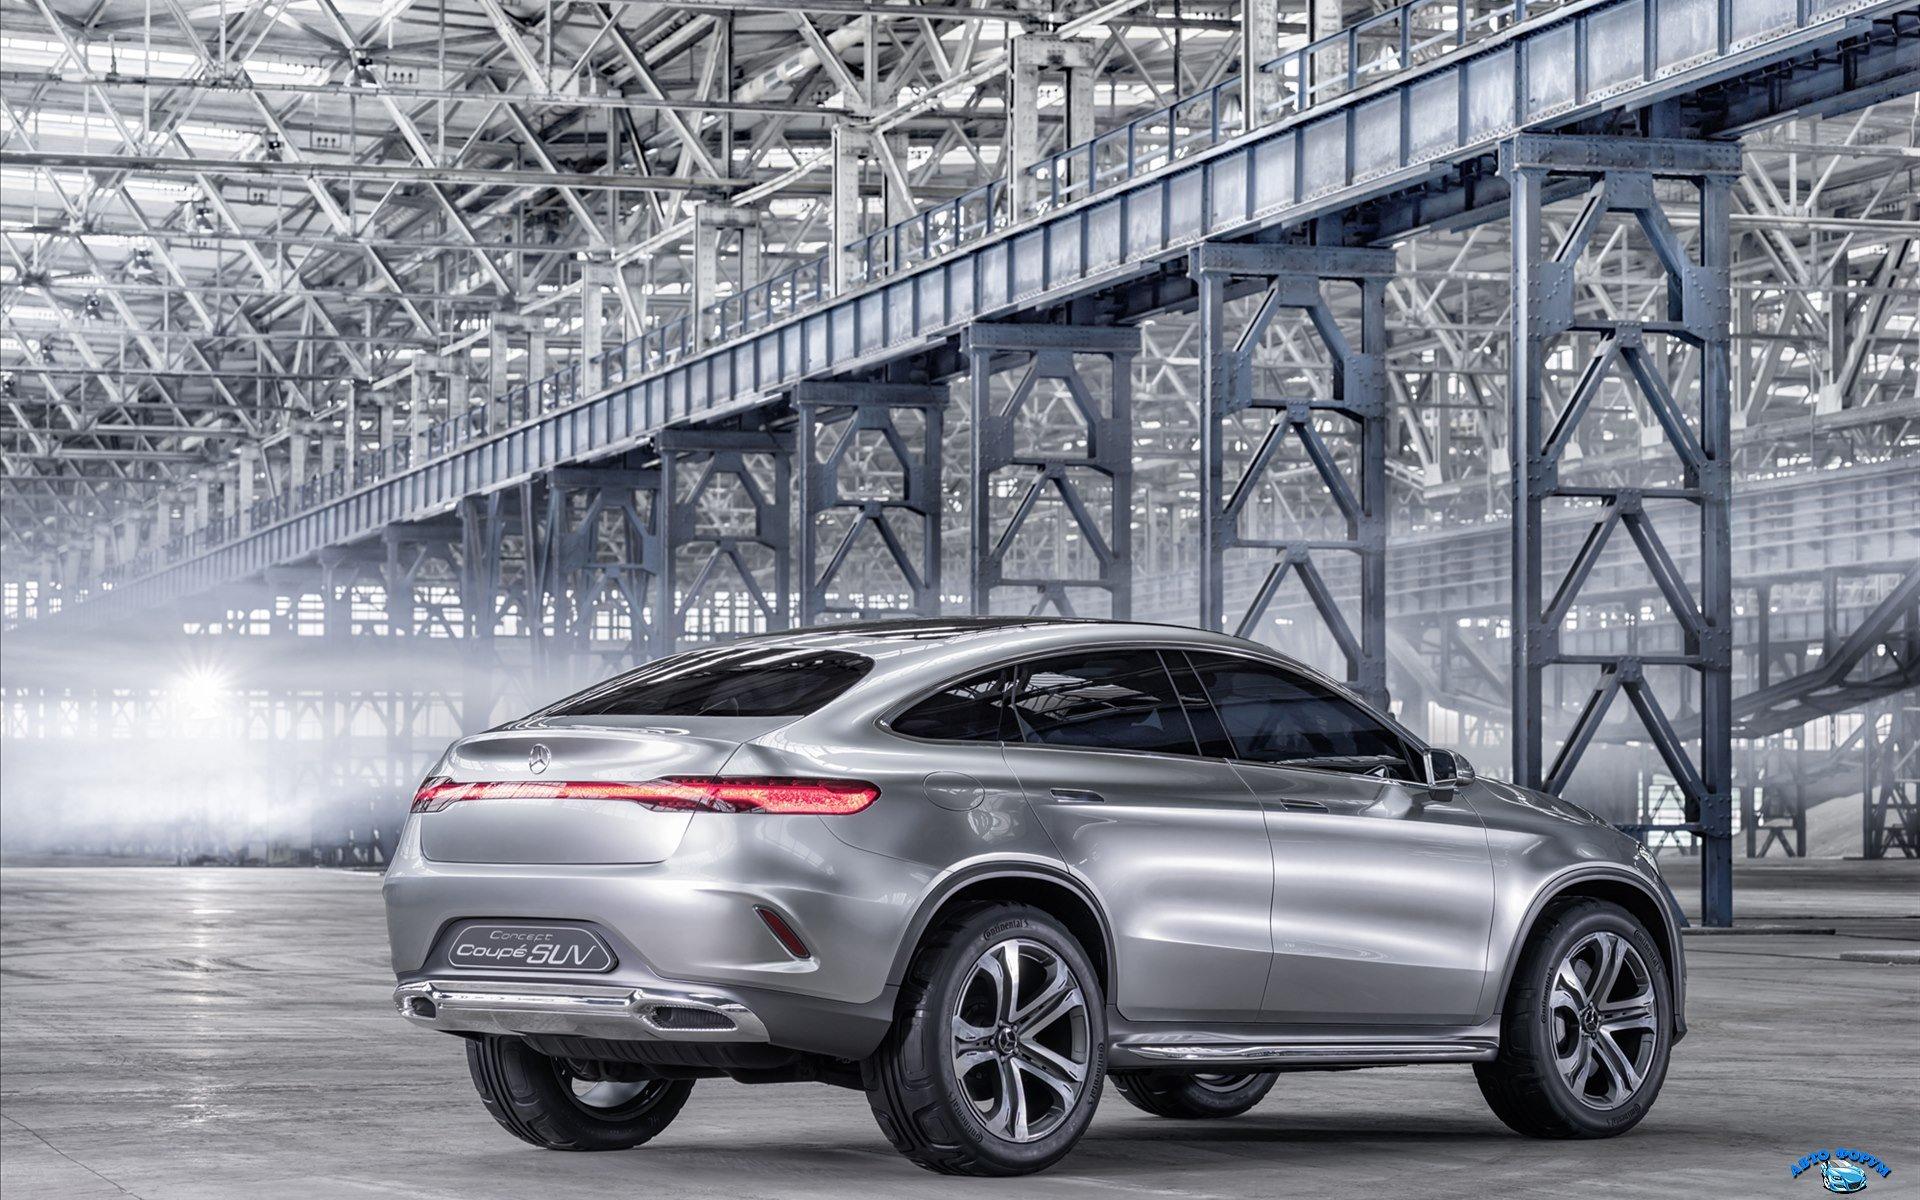 Mercedes-Benz-Coupe-SUV-Concept-2014-widescreen-15.jpg